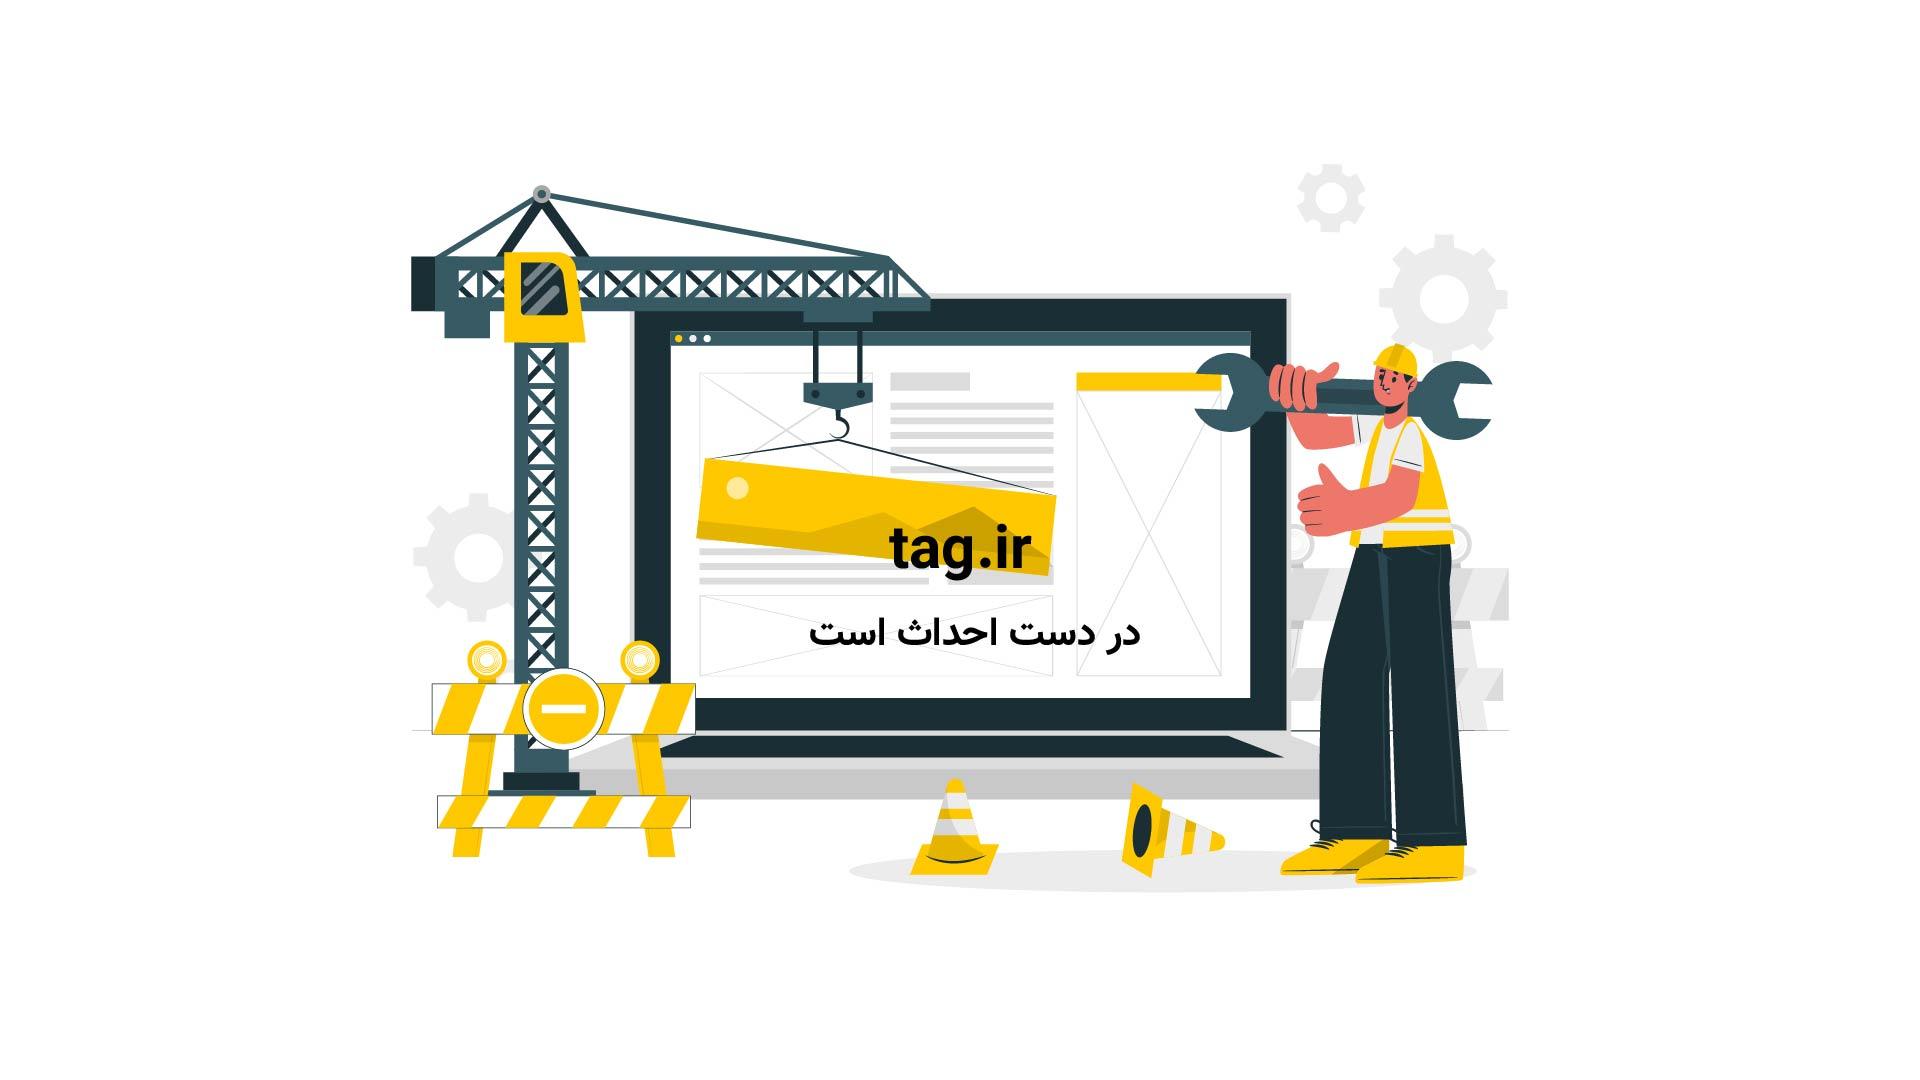 آموزش برق خودرو و قسمت های مربوط به آن | فیلم